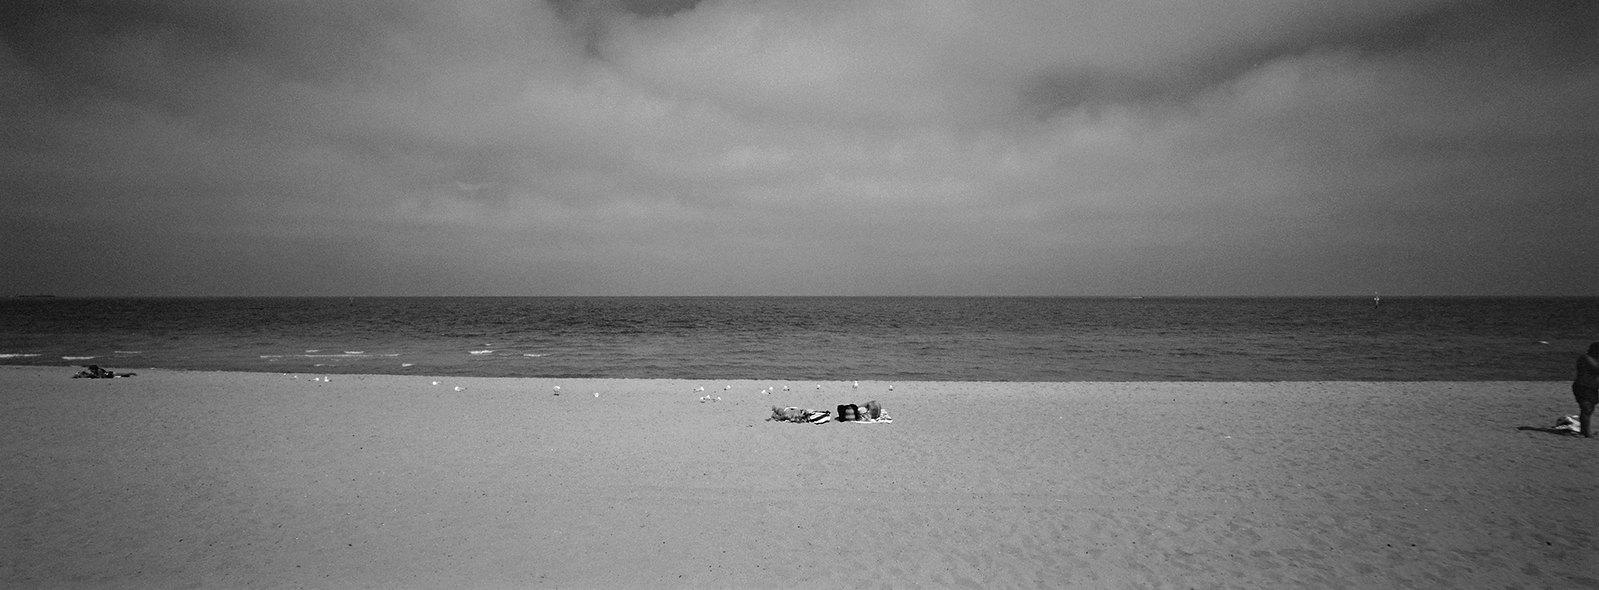 Elwood Beach iii